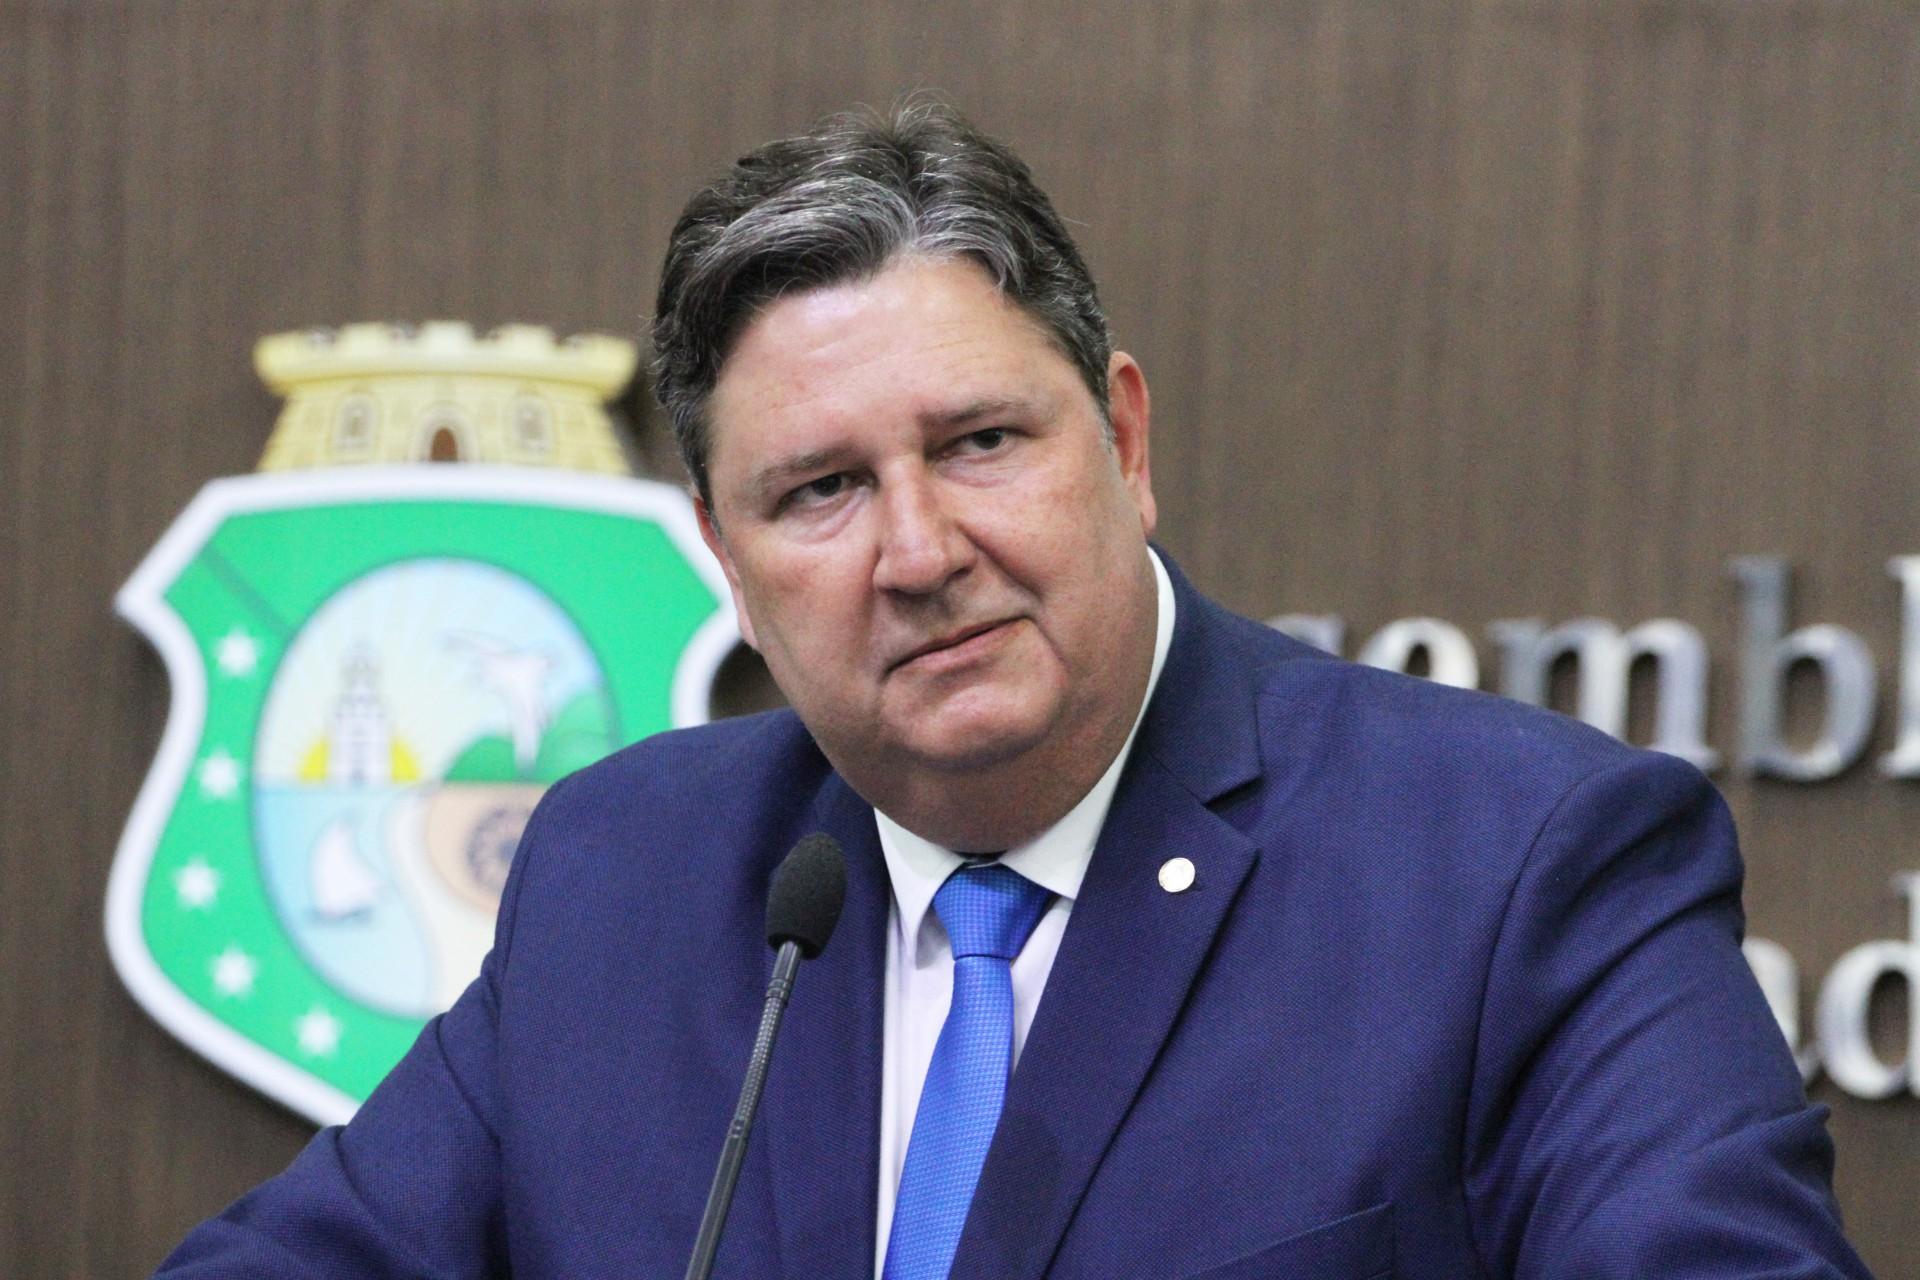 Deputado estadual Romeu Aldigueri vai apoiar a esposa, Juliana Aldigueri, para a Prefeitura de Granja. Atualmente, o cargo está com a sobrinha, Amanda Aldigueri